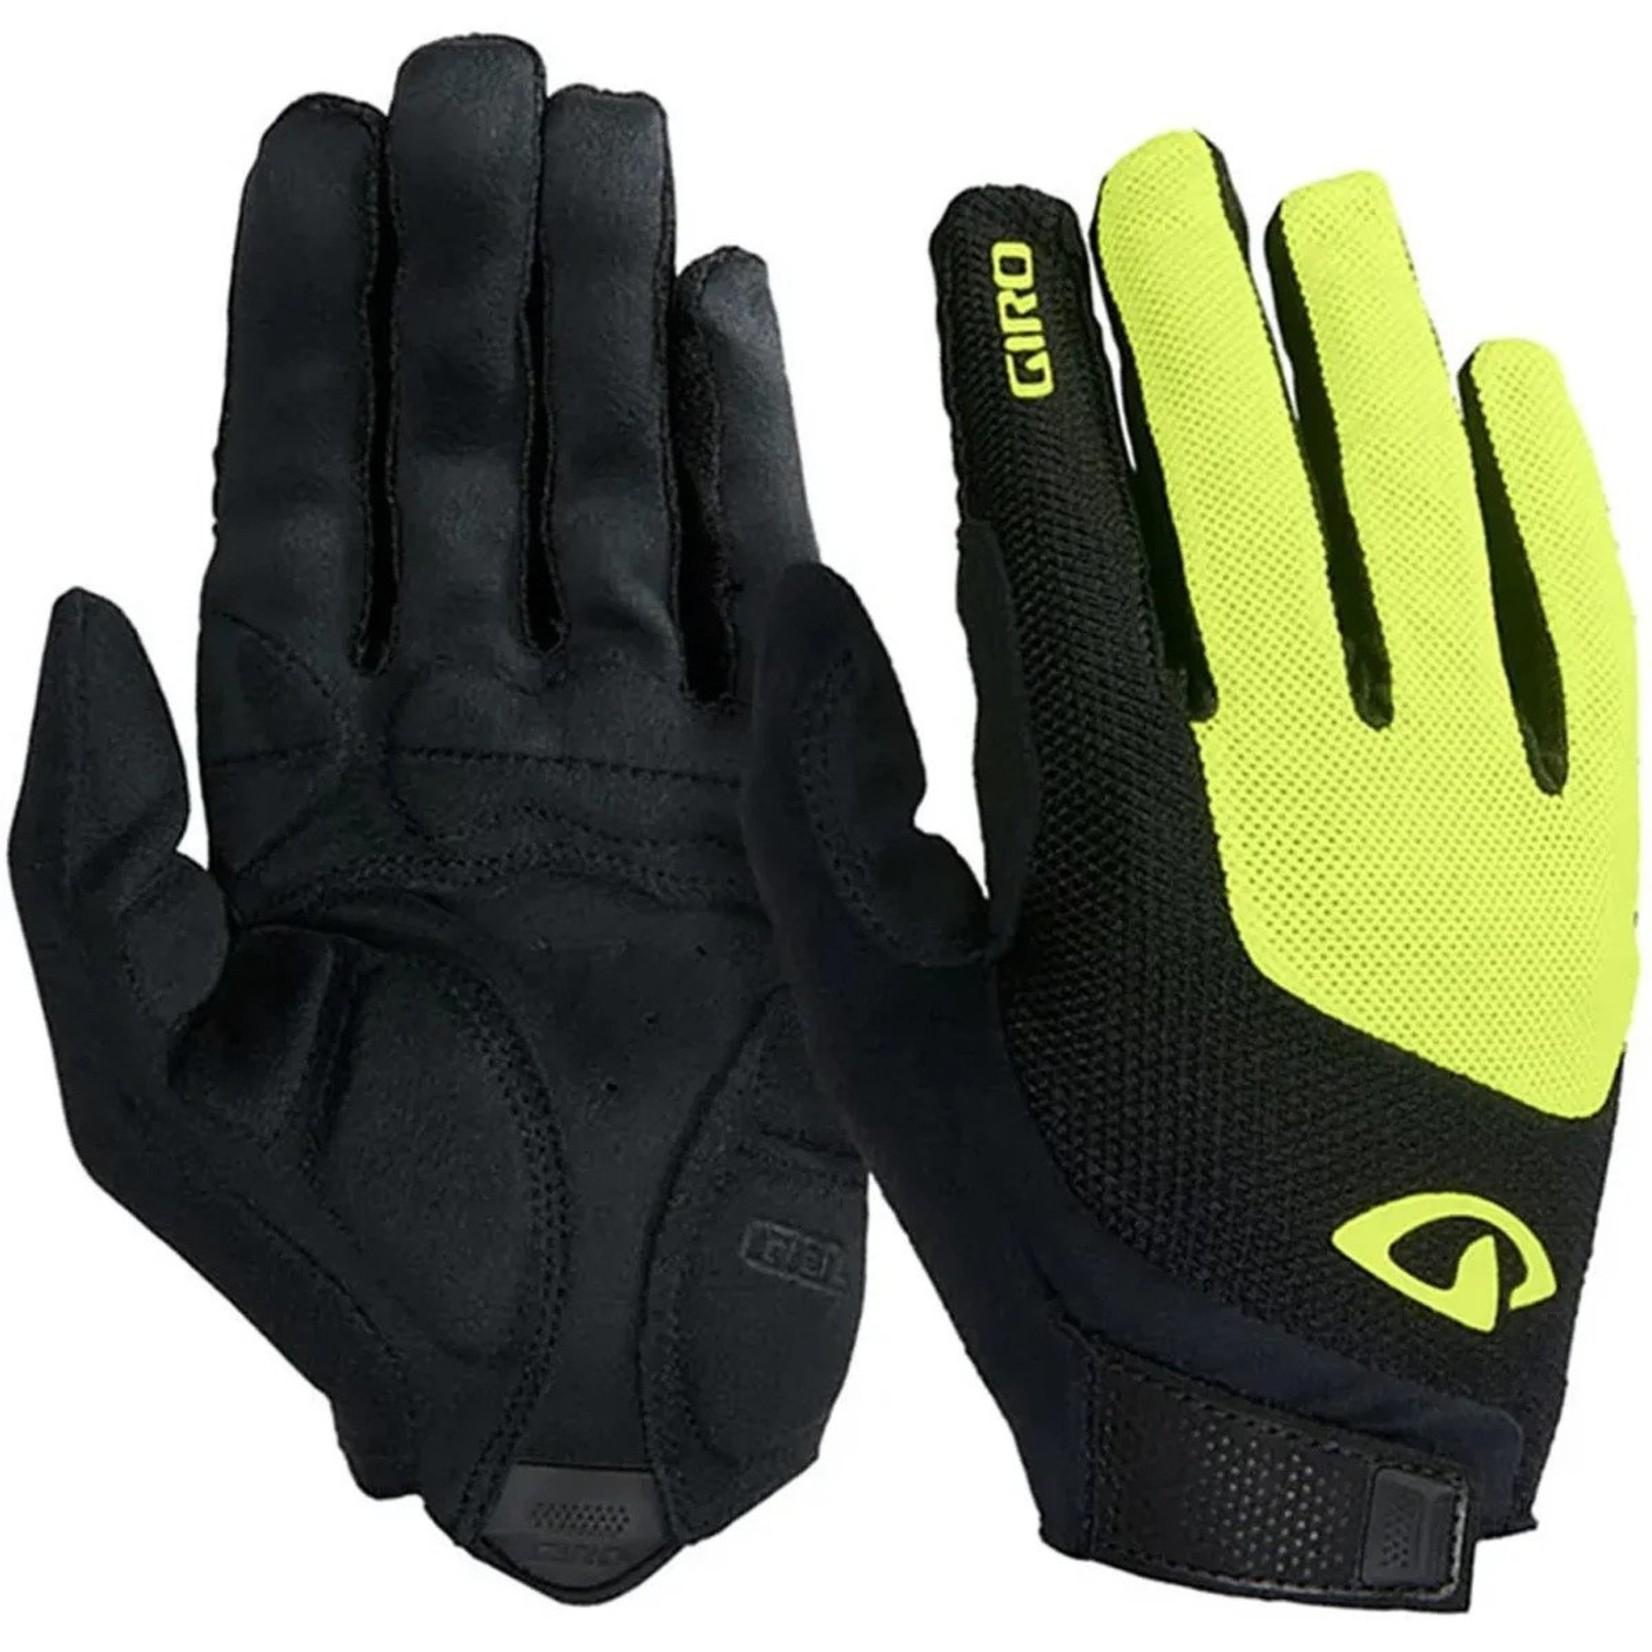 Giro Giro, Glove Bravo Gel LF